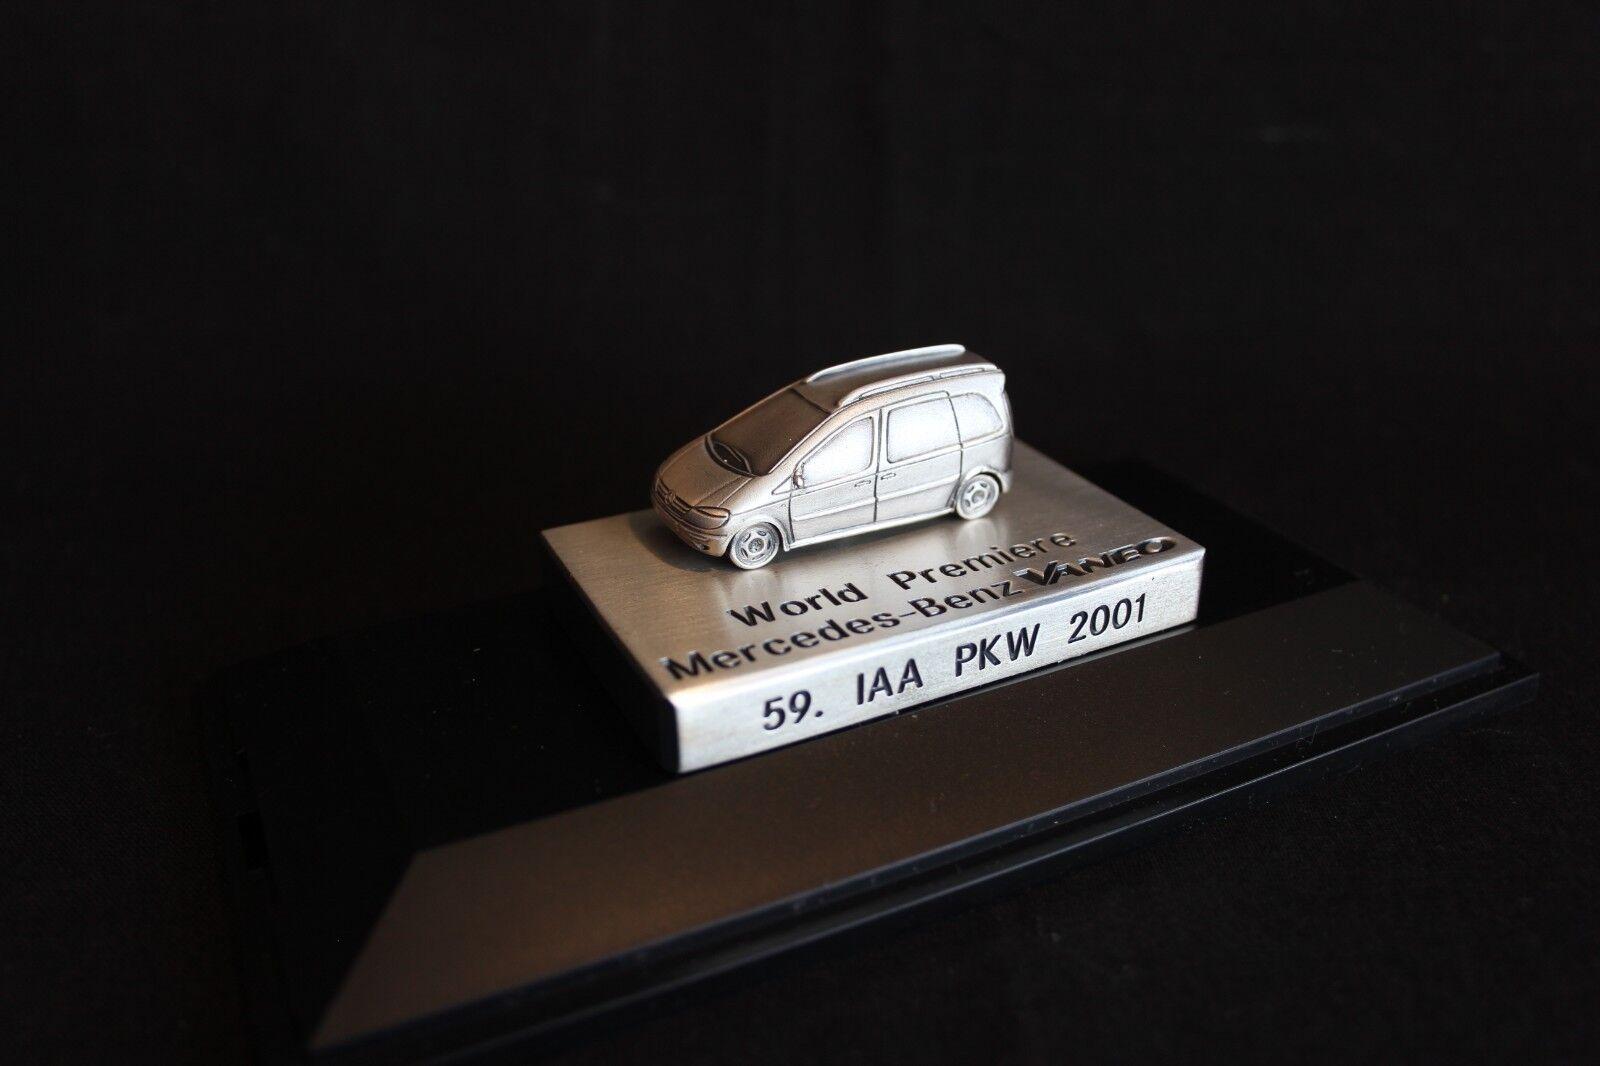 tiempo libre Herpa Mercedes-Benz Vaneo 1 87 Special edition World Premiere Premiere Premiere IAA PKW 2001 (JS)  nuevo estilo